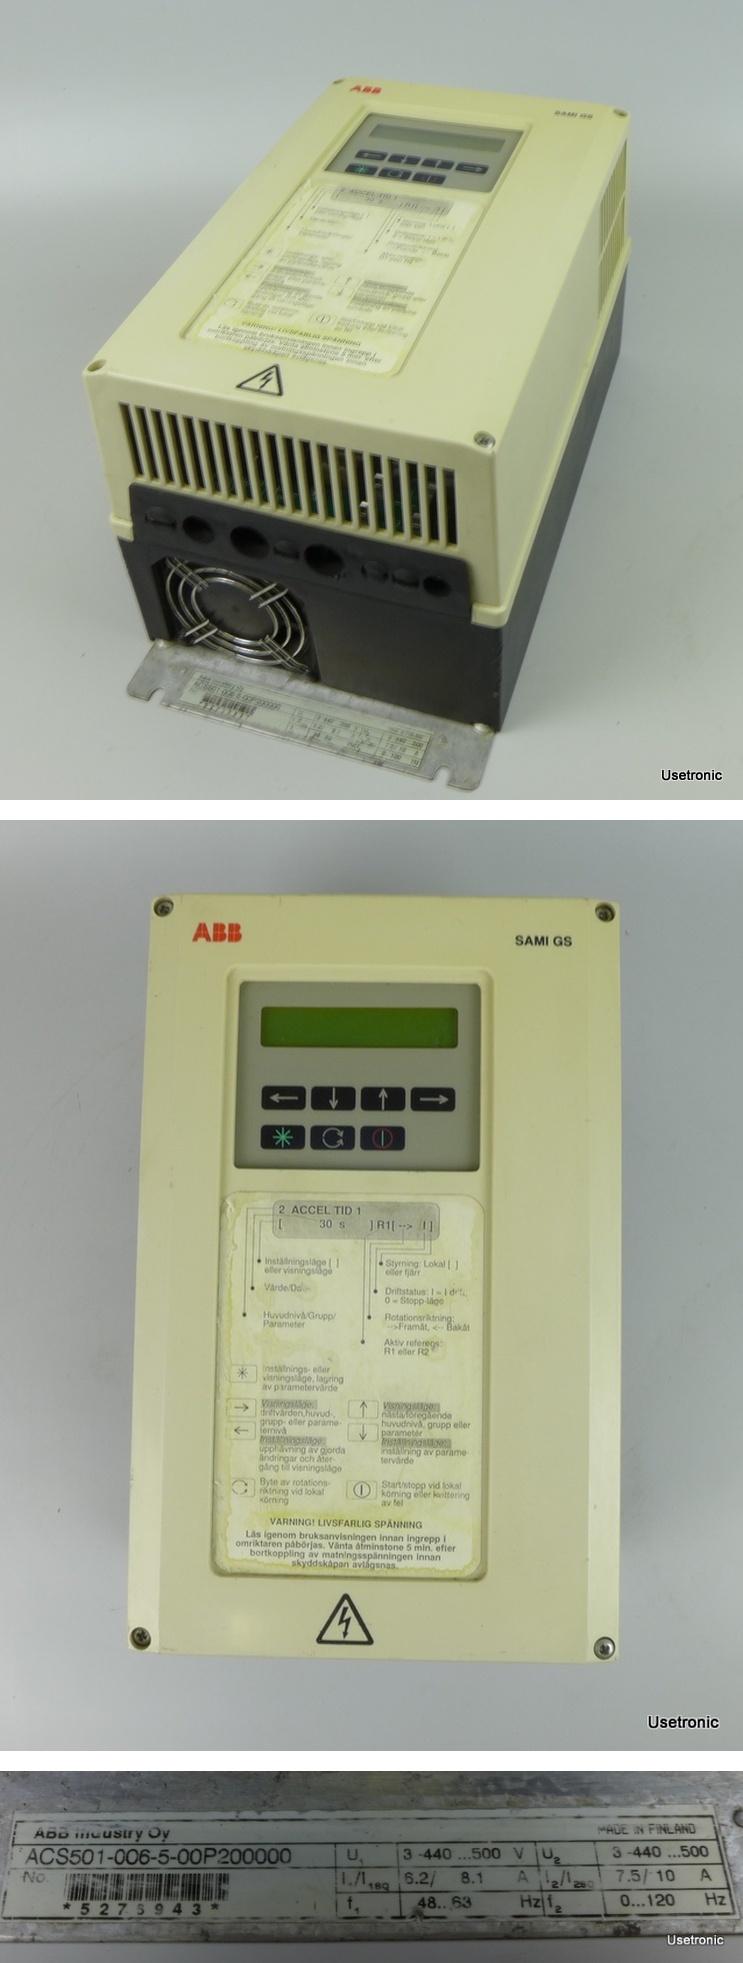 ABB ACS501-006-5-00